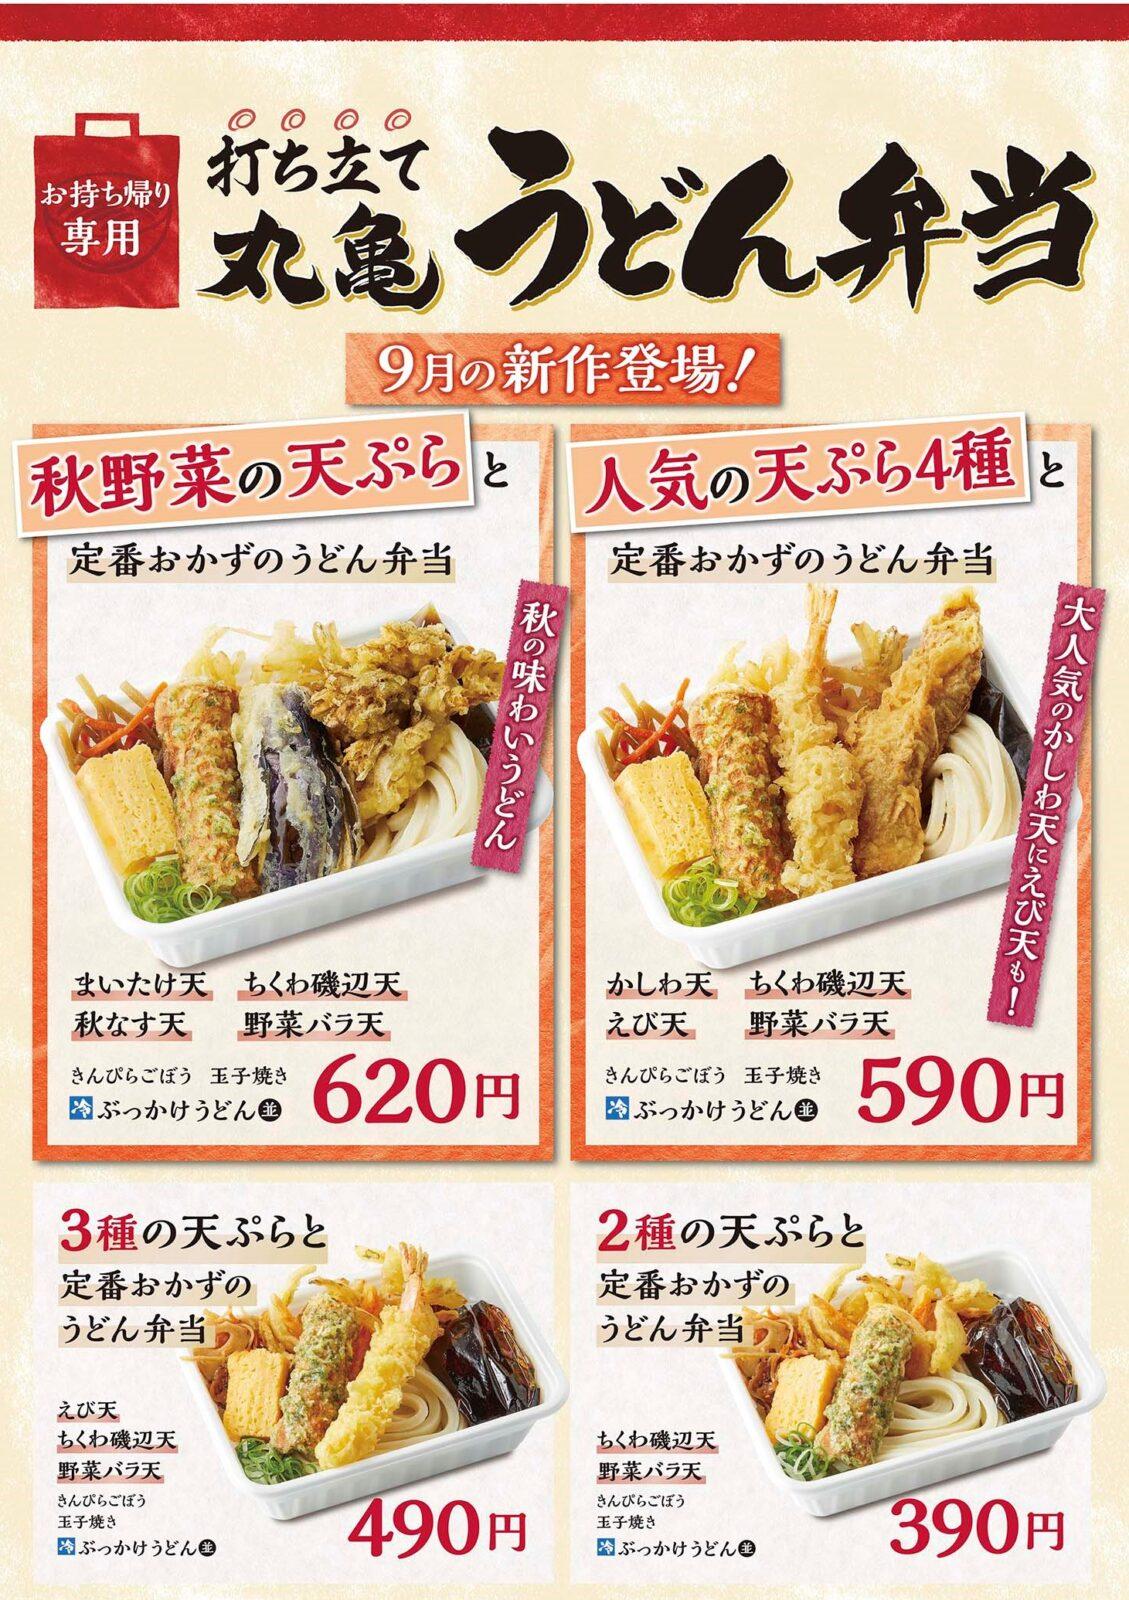 秋野菜の天ぷらと定番おかずのうどん弁当